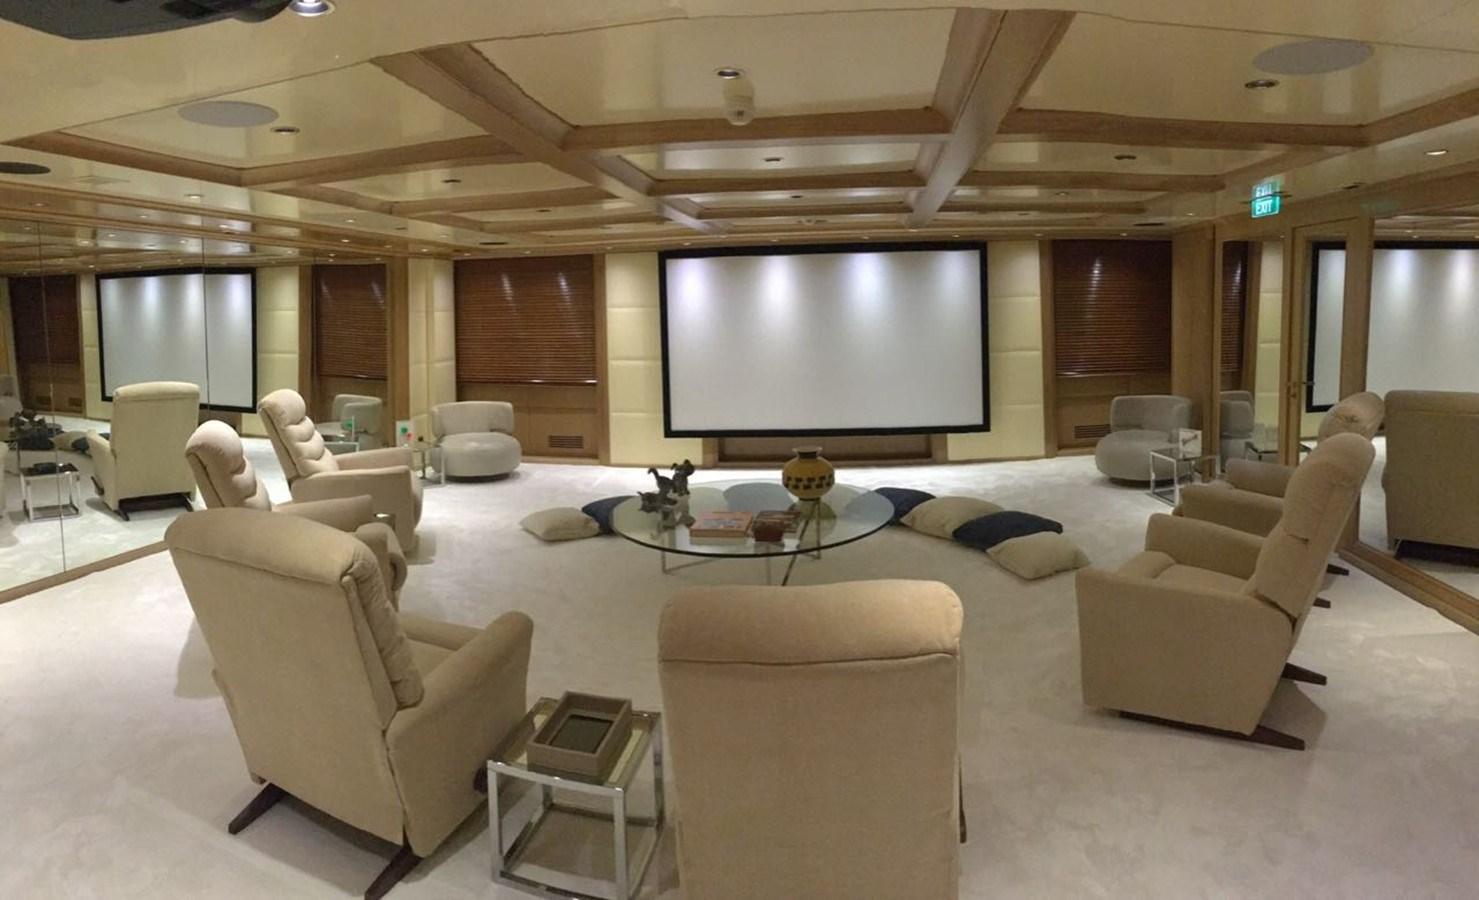 015 O'Mega_271- Cinema large_2161852 2004 MITSUBISHI  Mega Yacht 2919765